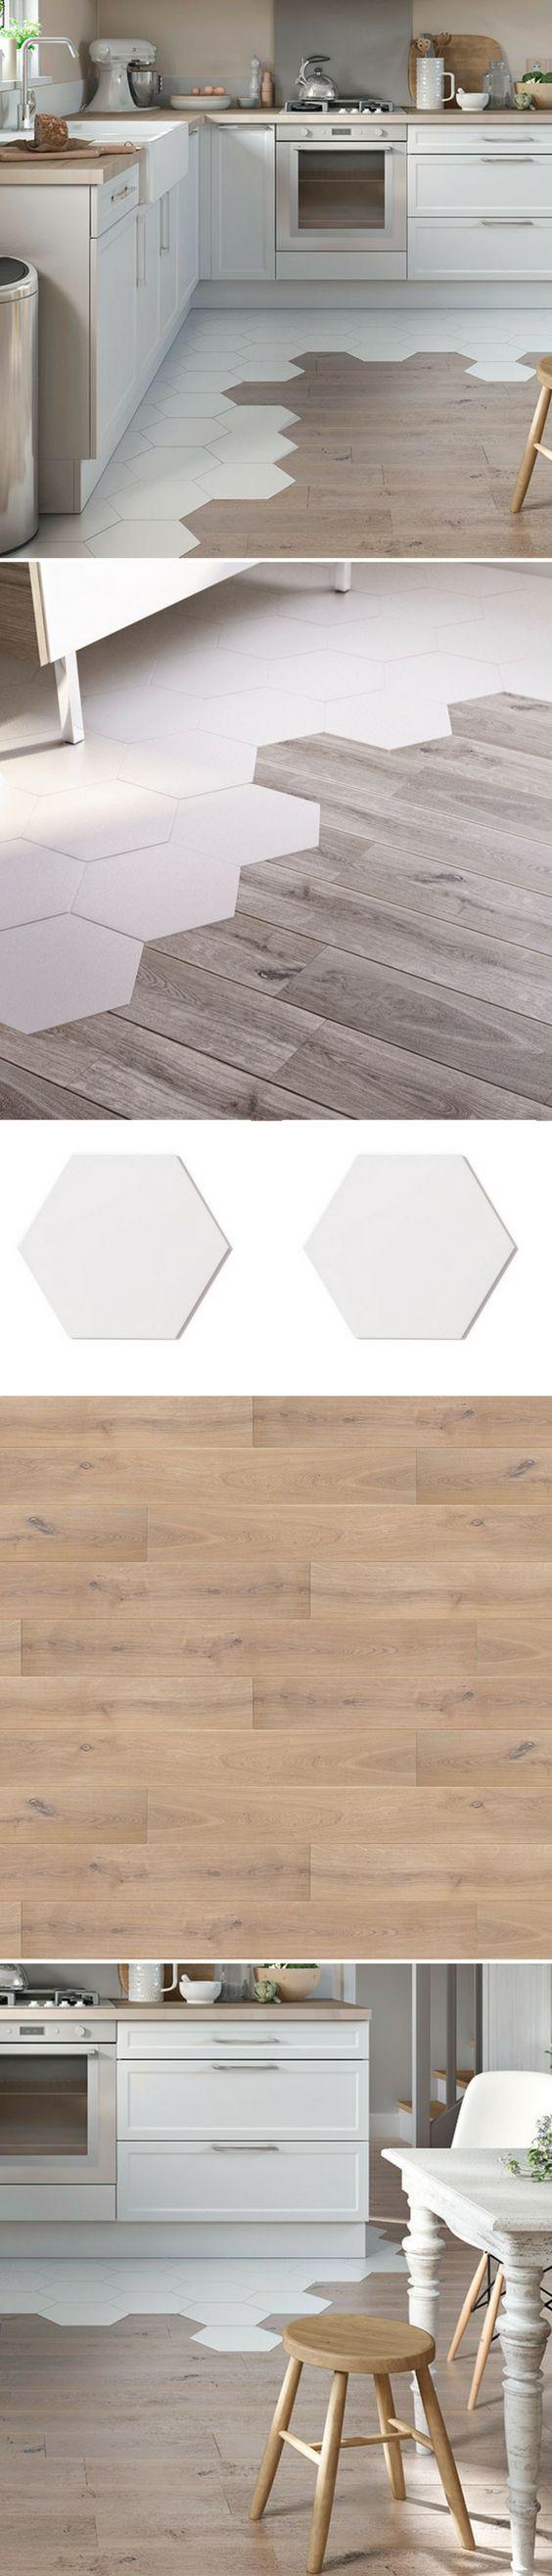 hardwood floor color trends 2017 of tendance sol cuisine le mix parquet carrelage windys house pertaining to tendance sol cuisine le mix parquet carrelage